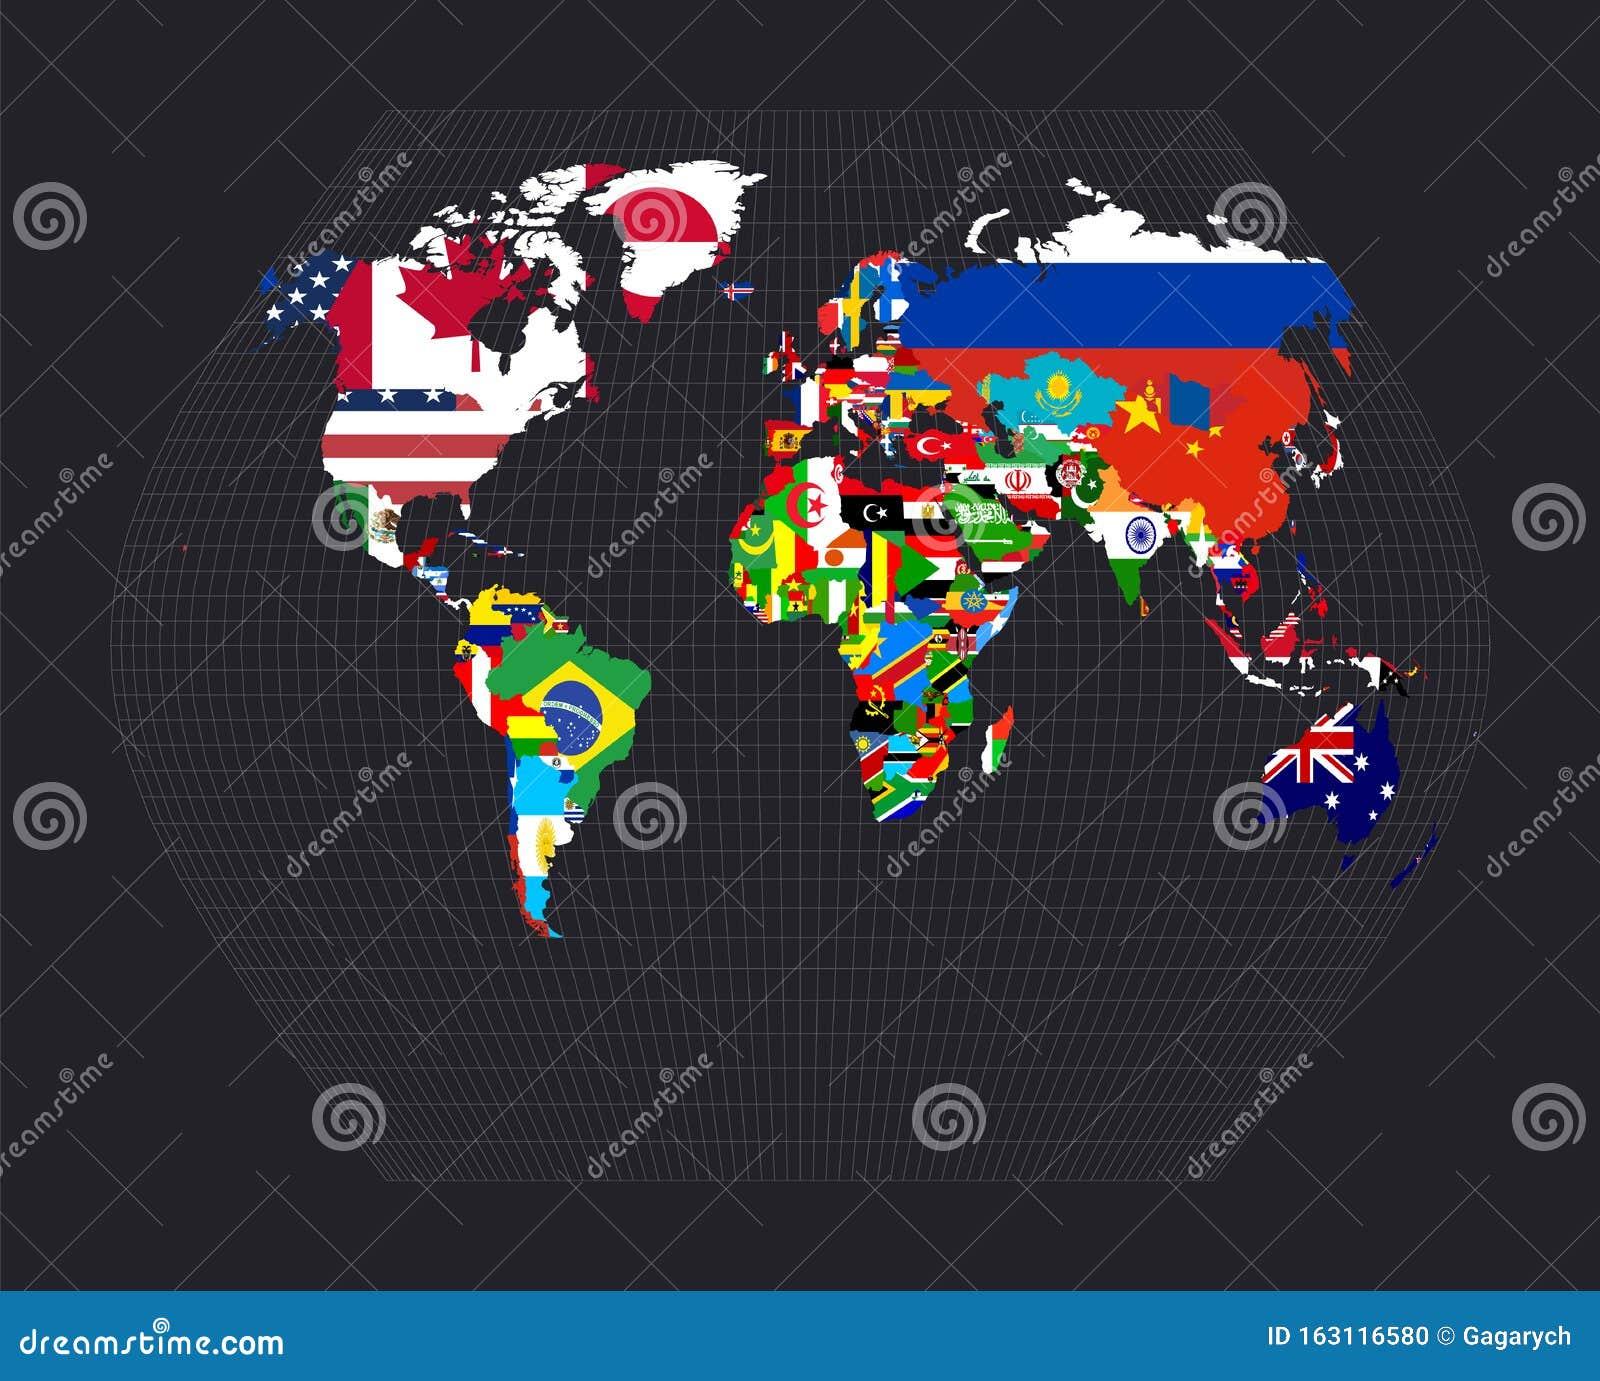 Weltkarte mit Flaggen vektor abbildung Illustration von